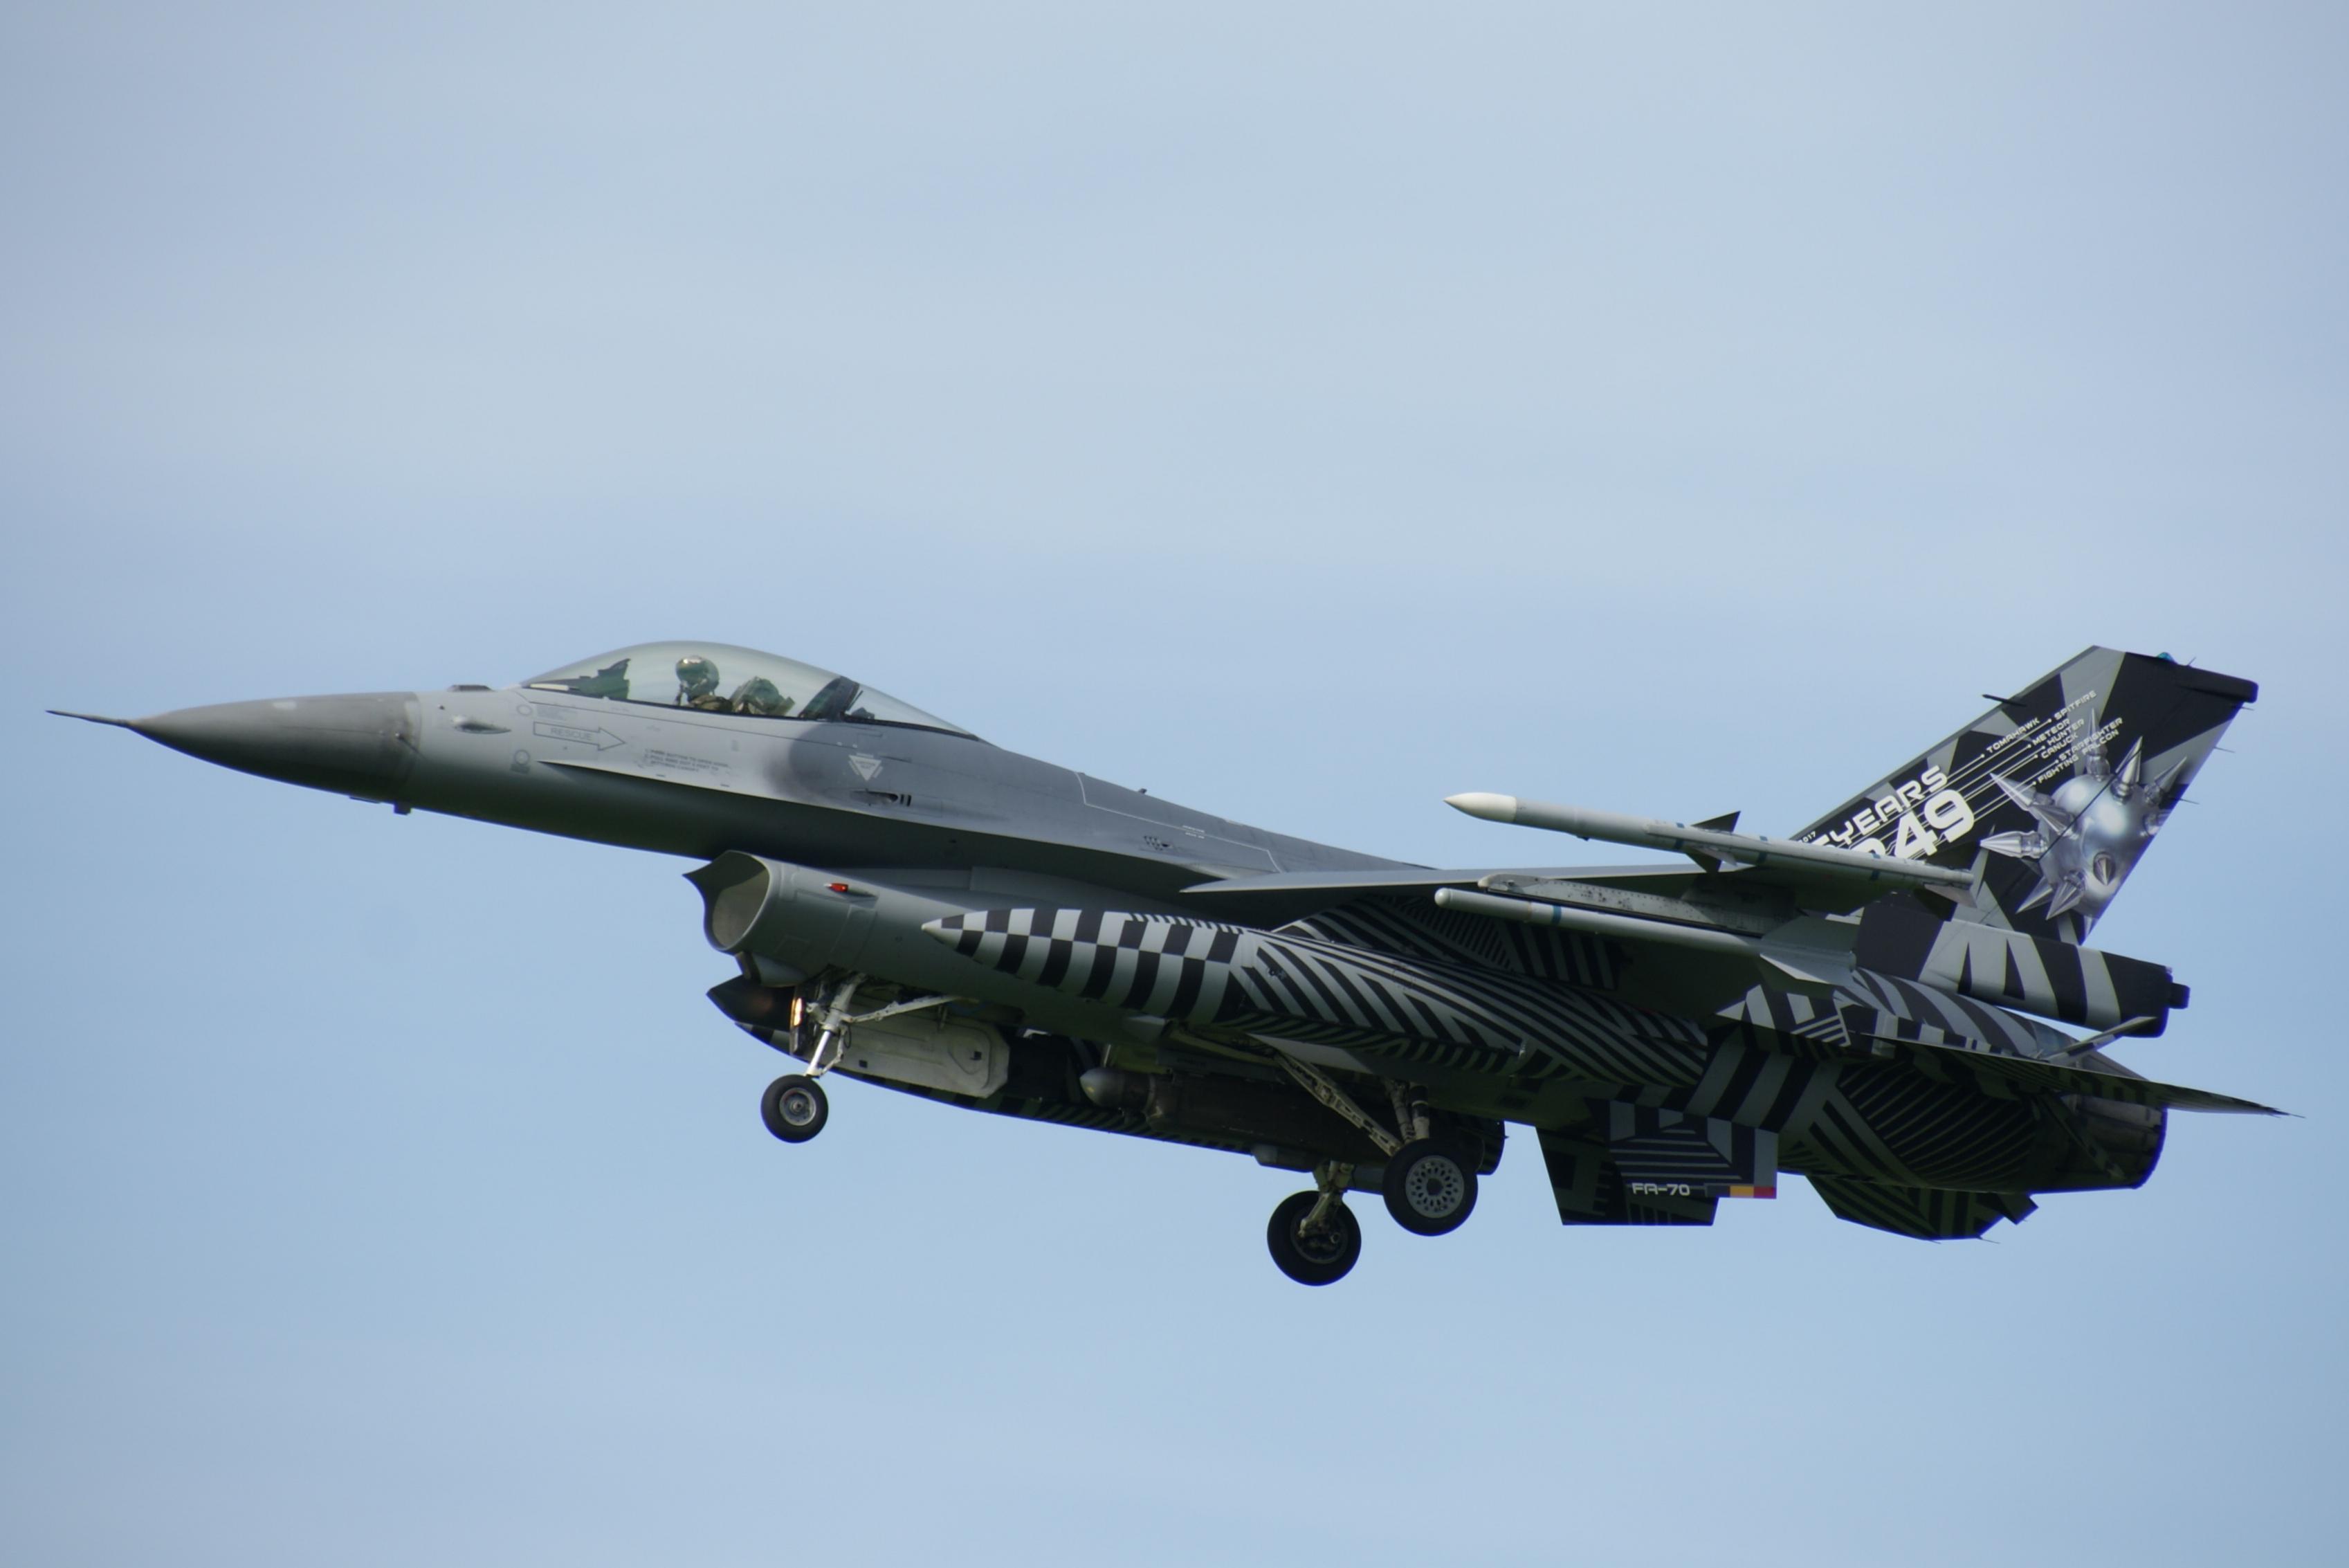 Naam: FA-70 SPECIAL (4).jpg Bekeken: 159 Grootte: 239,1 KB